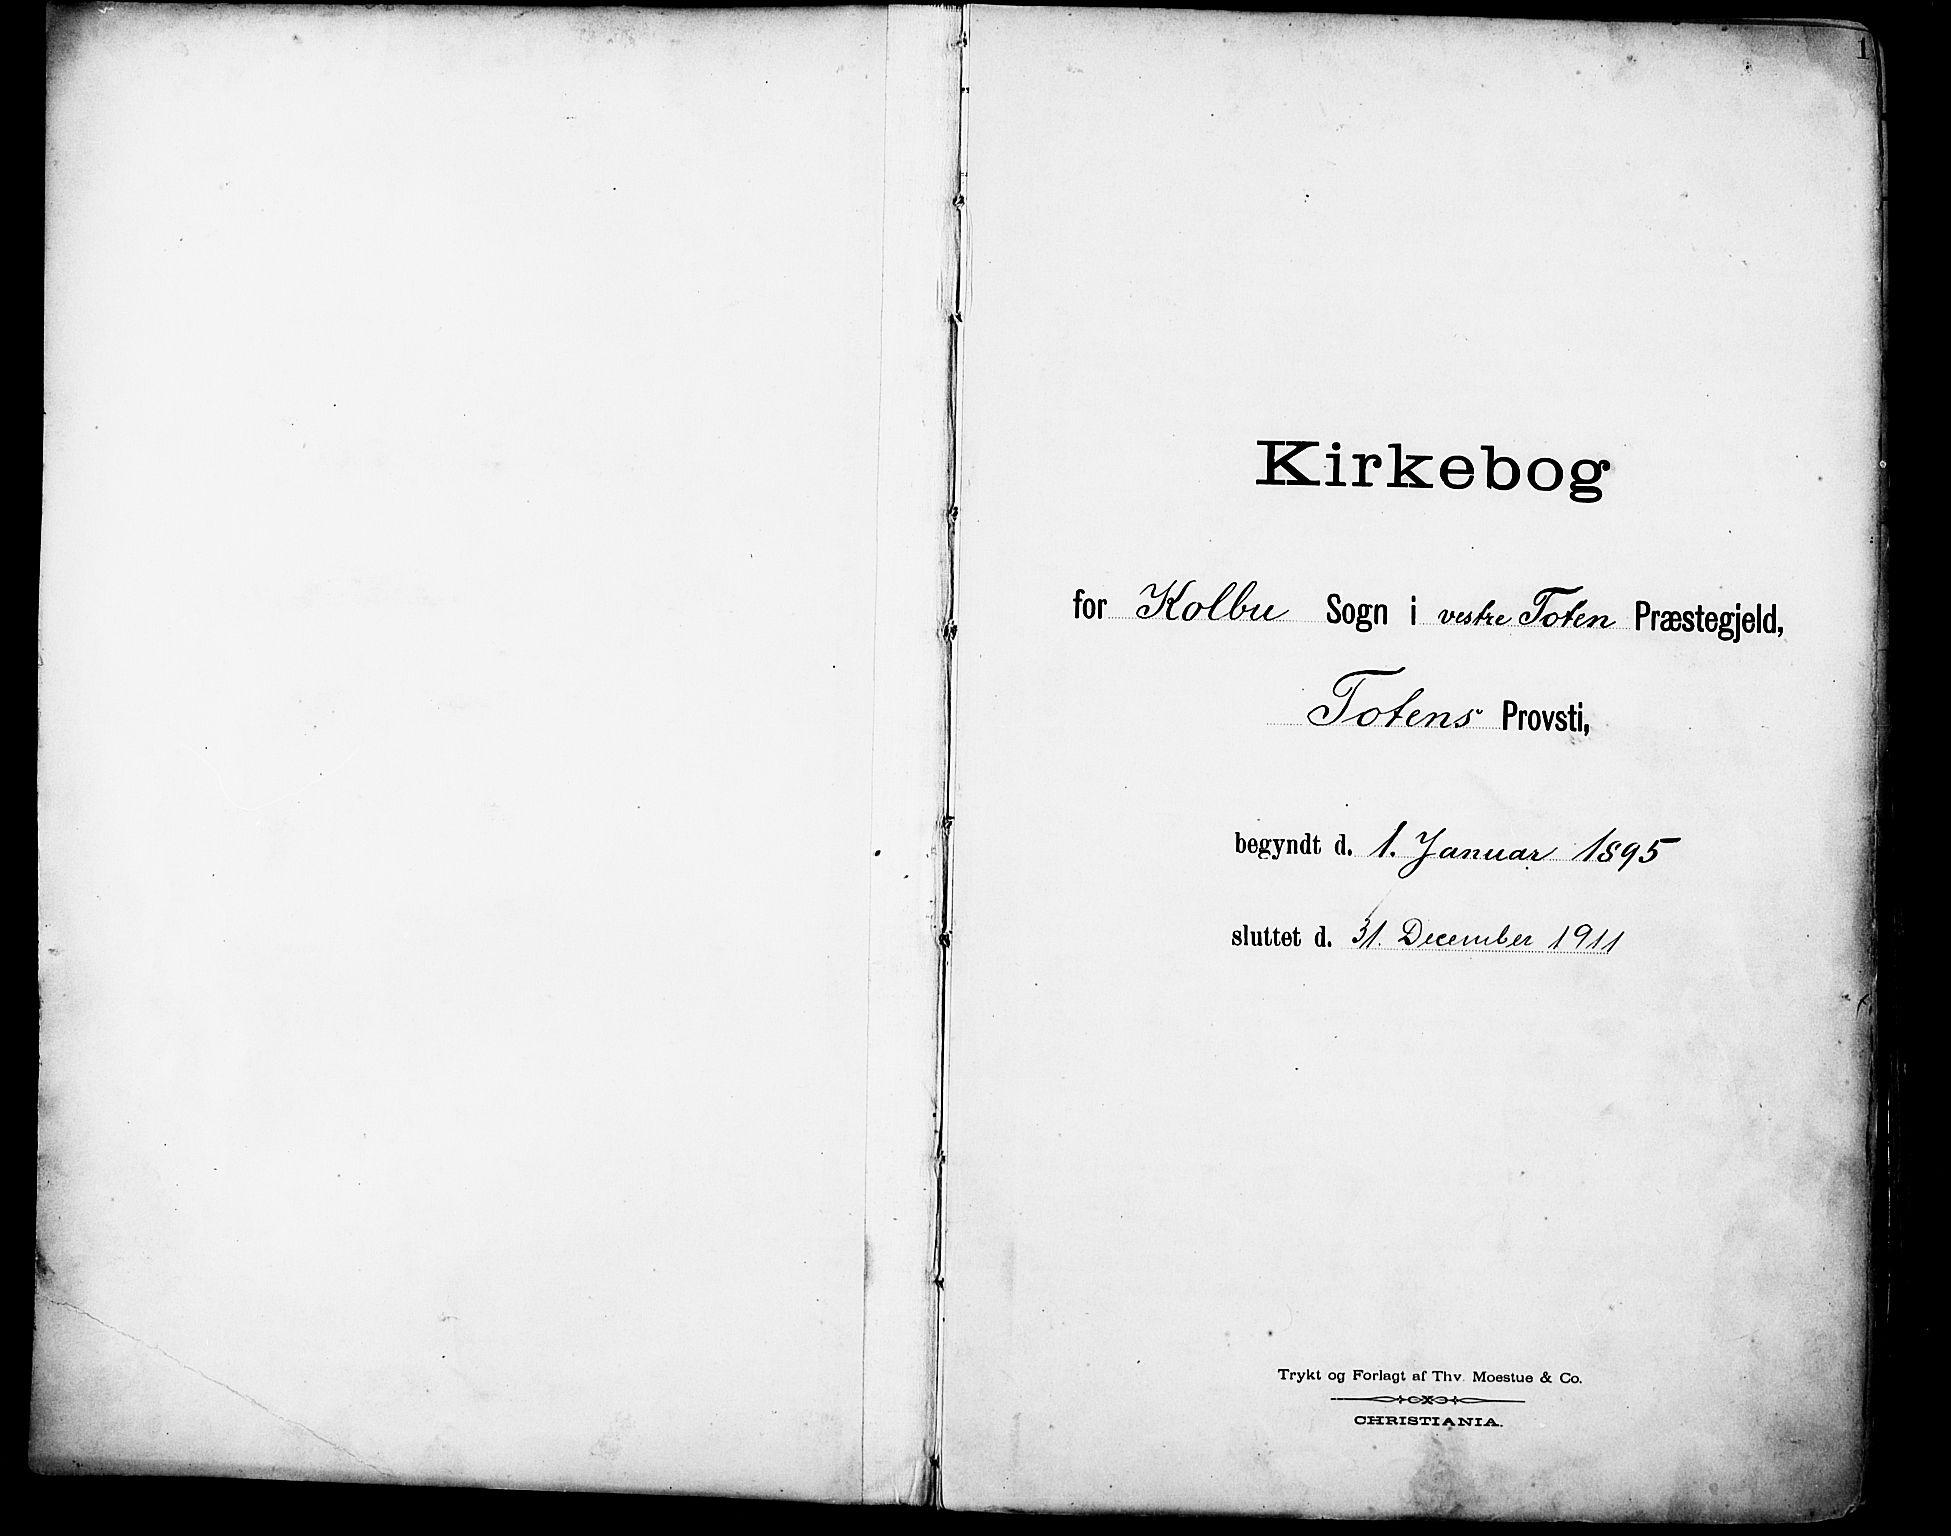 SAH, Vestre Toten prestekontor, Ministerialbok nr. 13, 1895-1911, s. 1